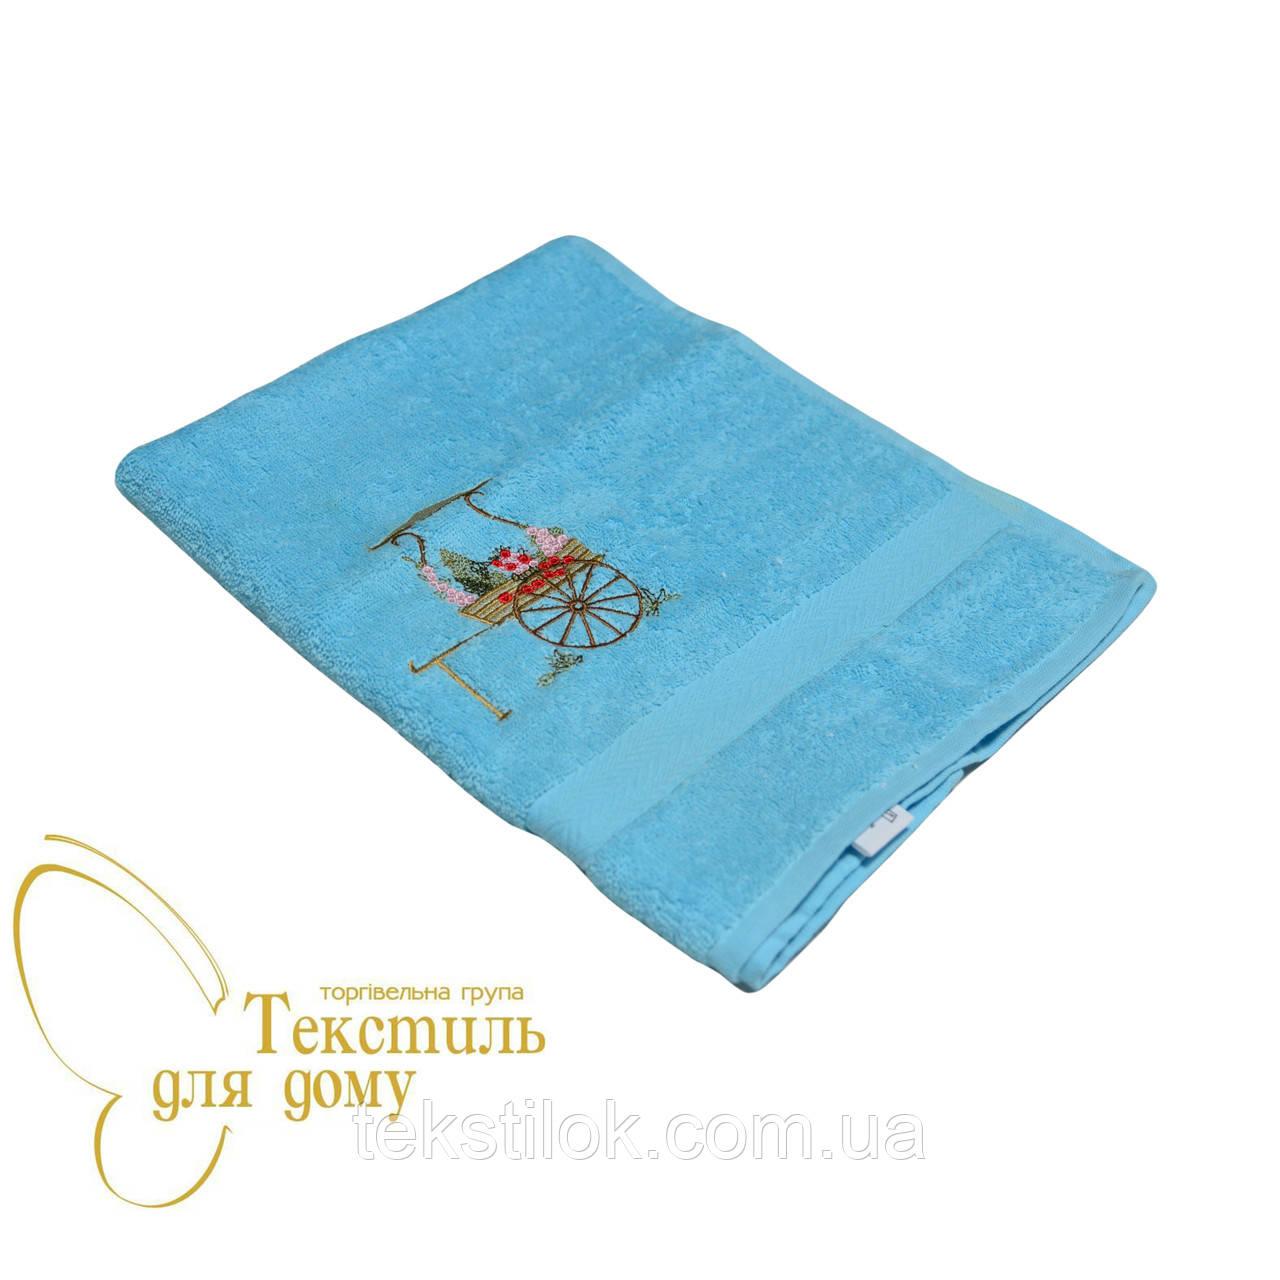 Полотенце для рук 40*70 вышивка букет, голубой